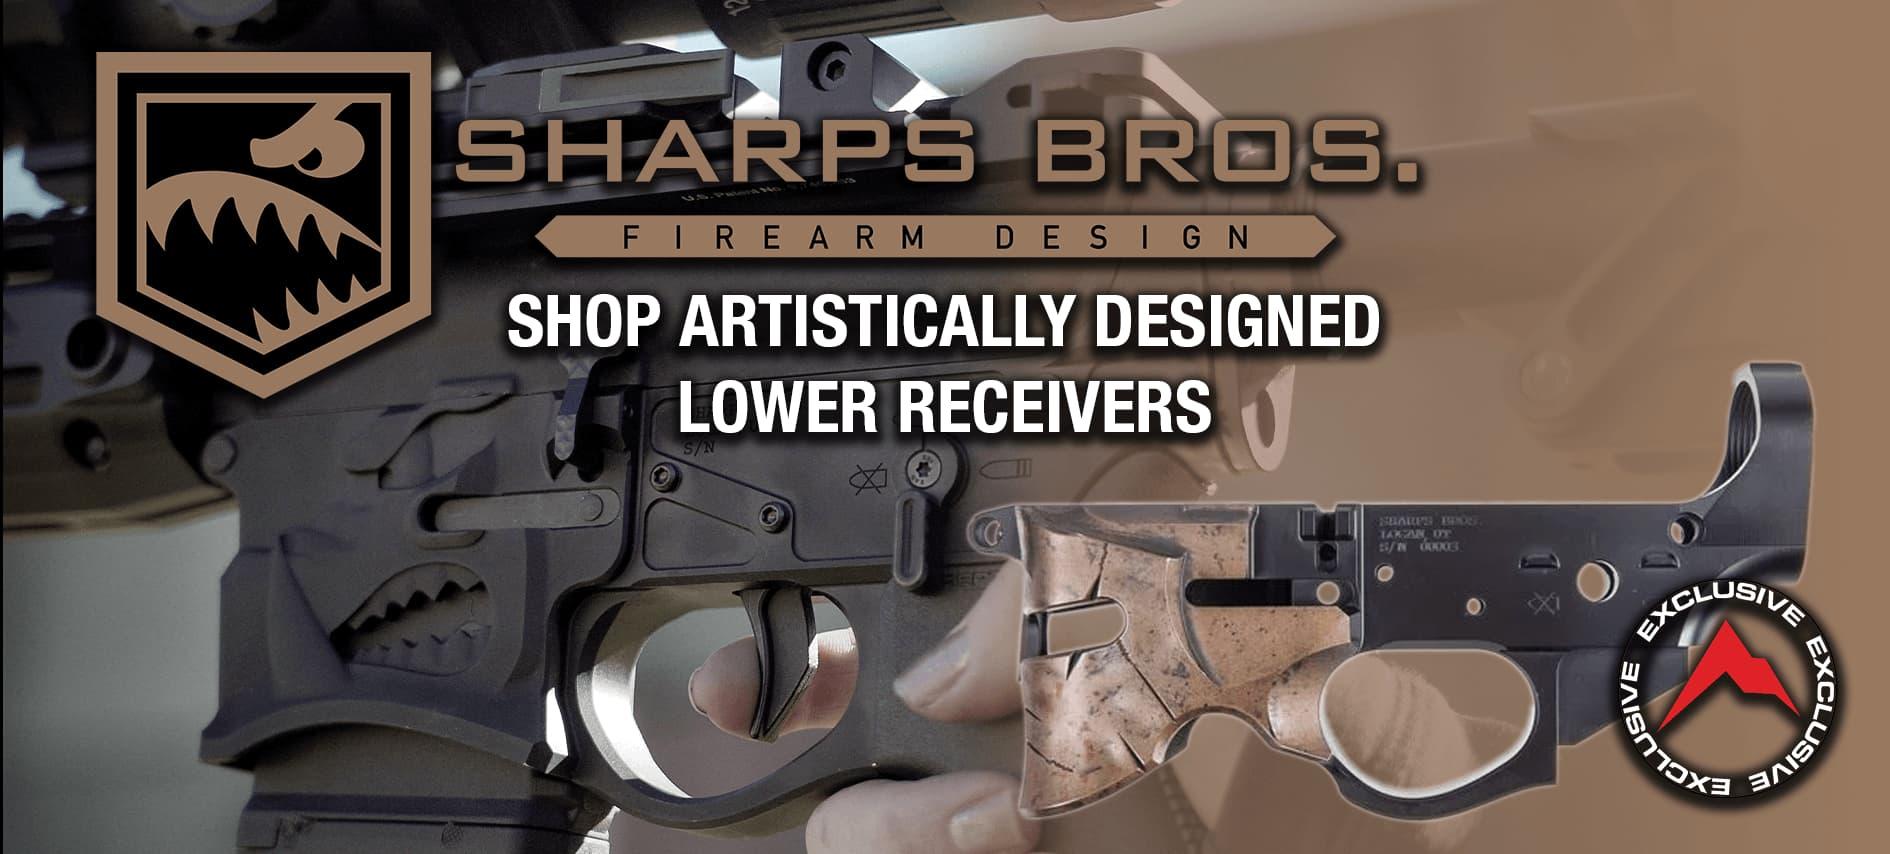 Sharps Bros Artistically Designed Lower Receivers